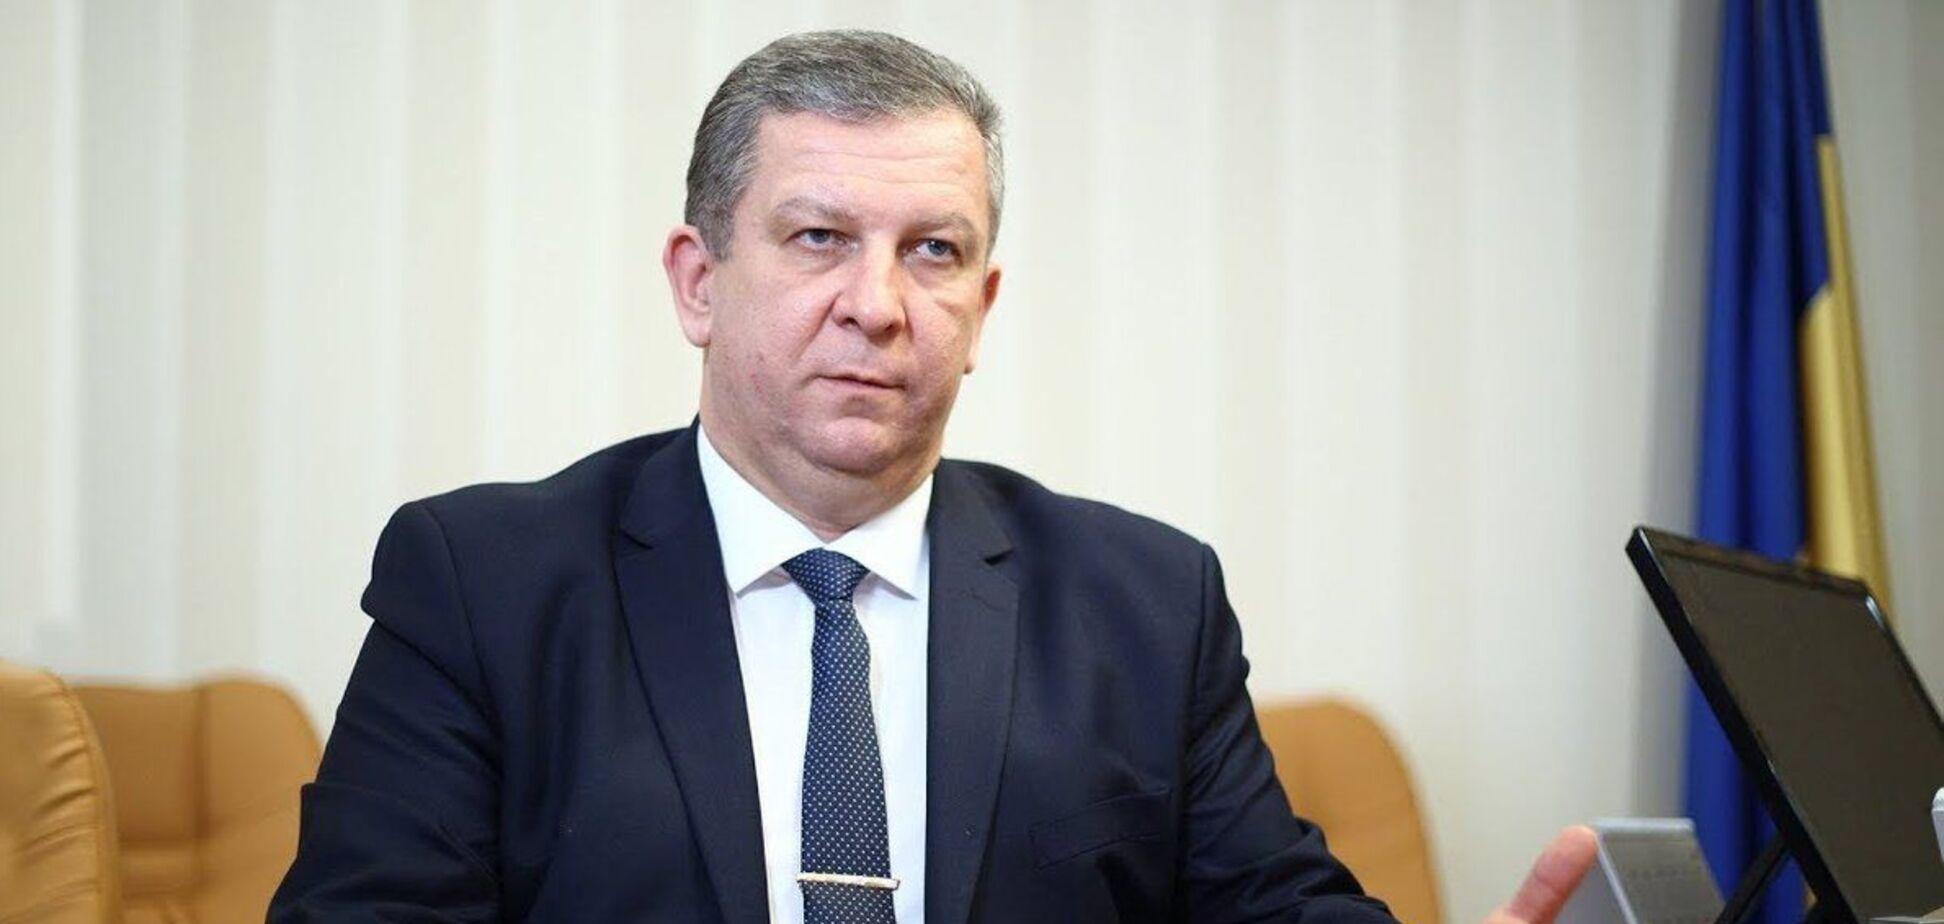 Экс-министр Рева озвучил настоящий уровень безработицы в Украине